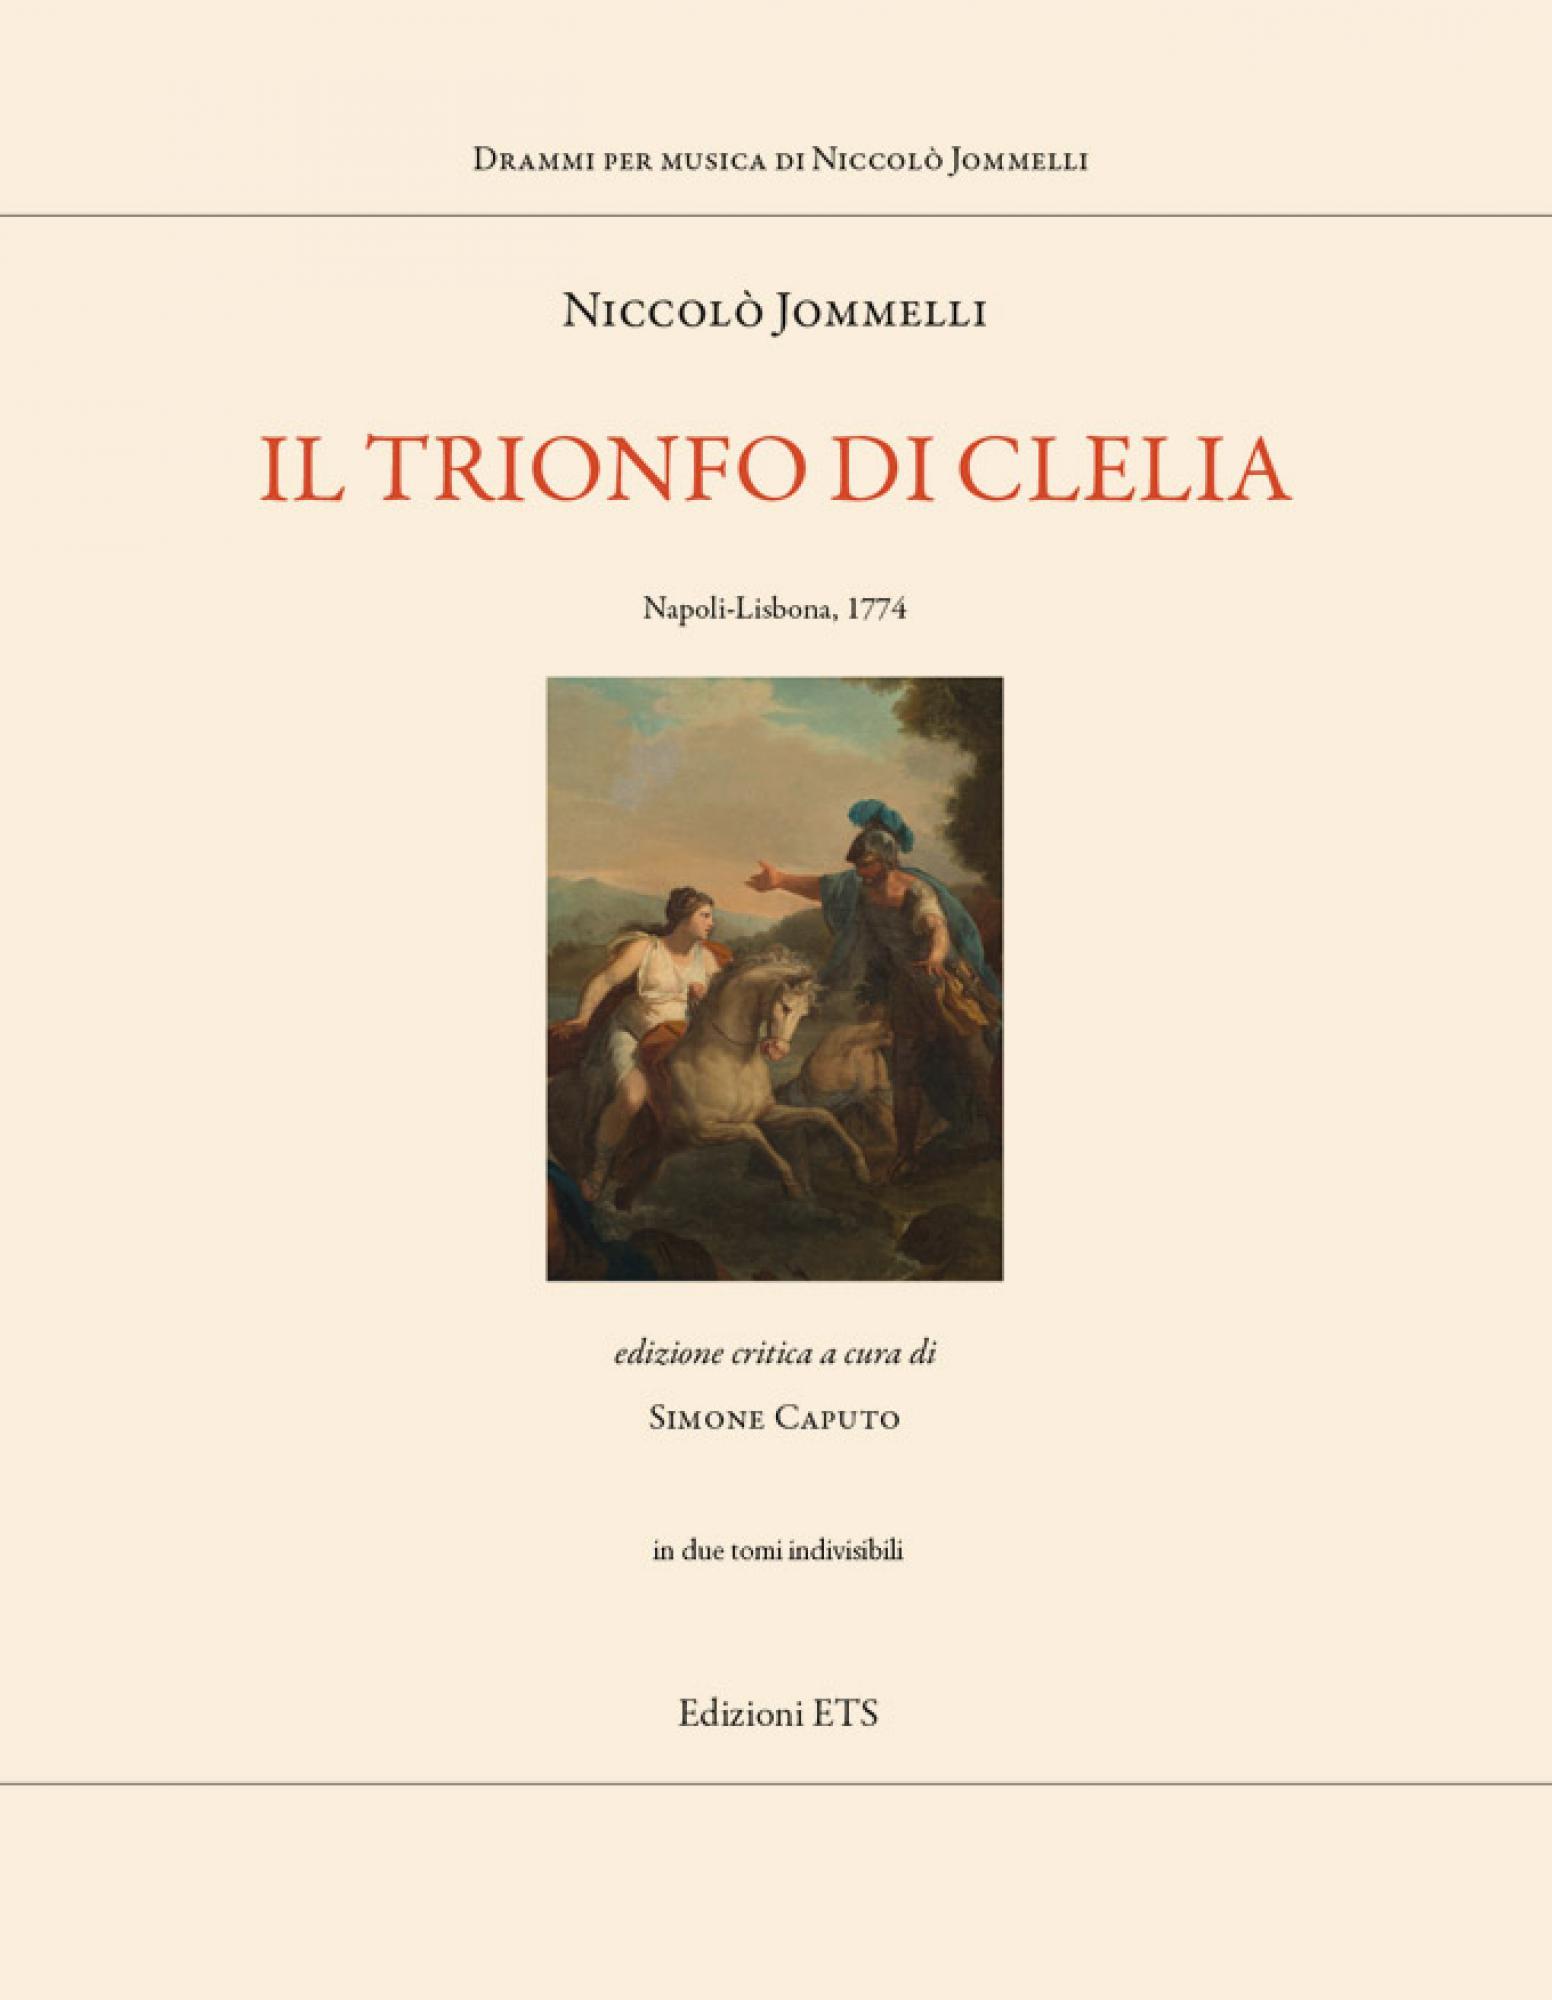 Il trionfo di Clelia.Napoli-Lisbona 1774